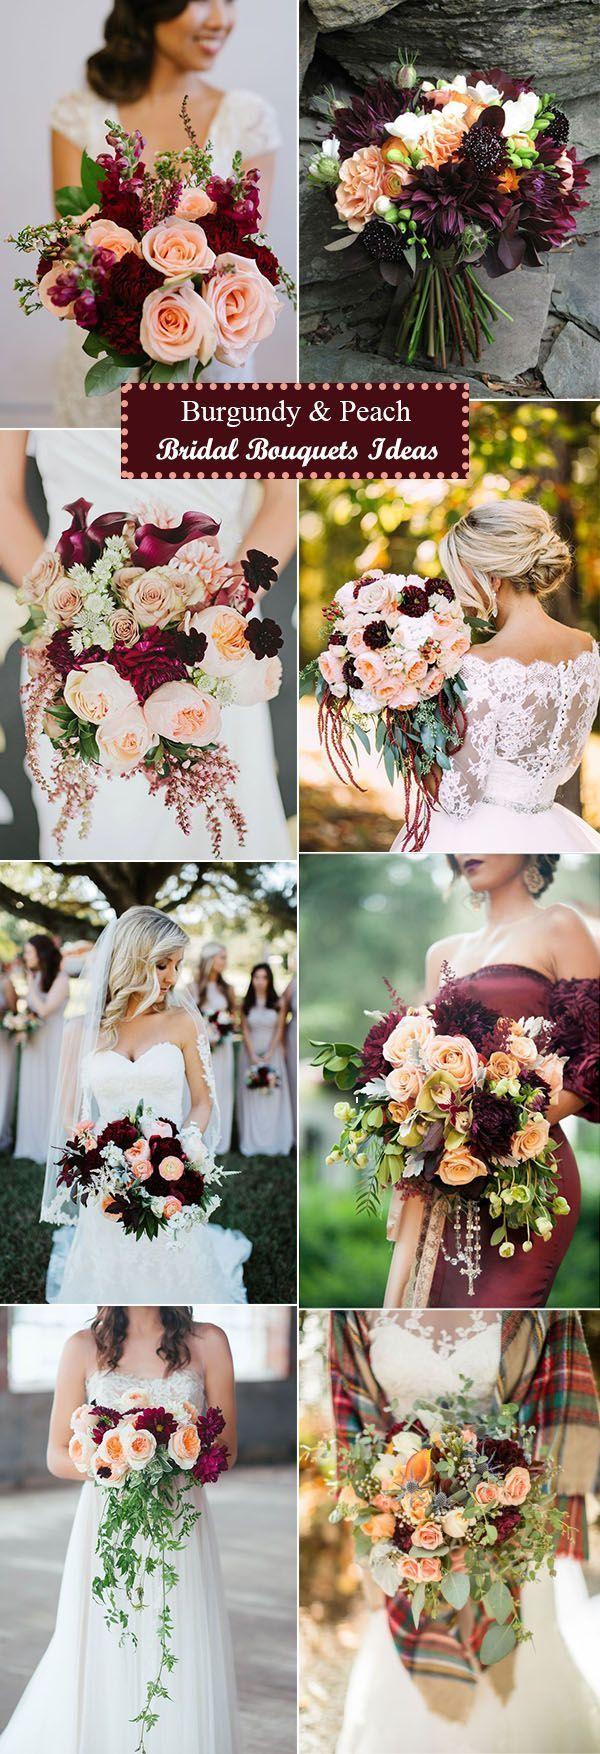 Wunderschöne Burgunder und Pfirsich Brautsträuße  #brautstrau #burgunder #pfirsich #weddingengagementideas #wunderschone #peachideas